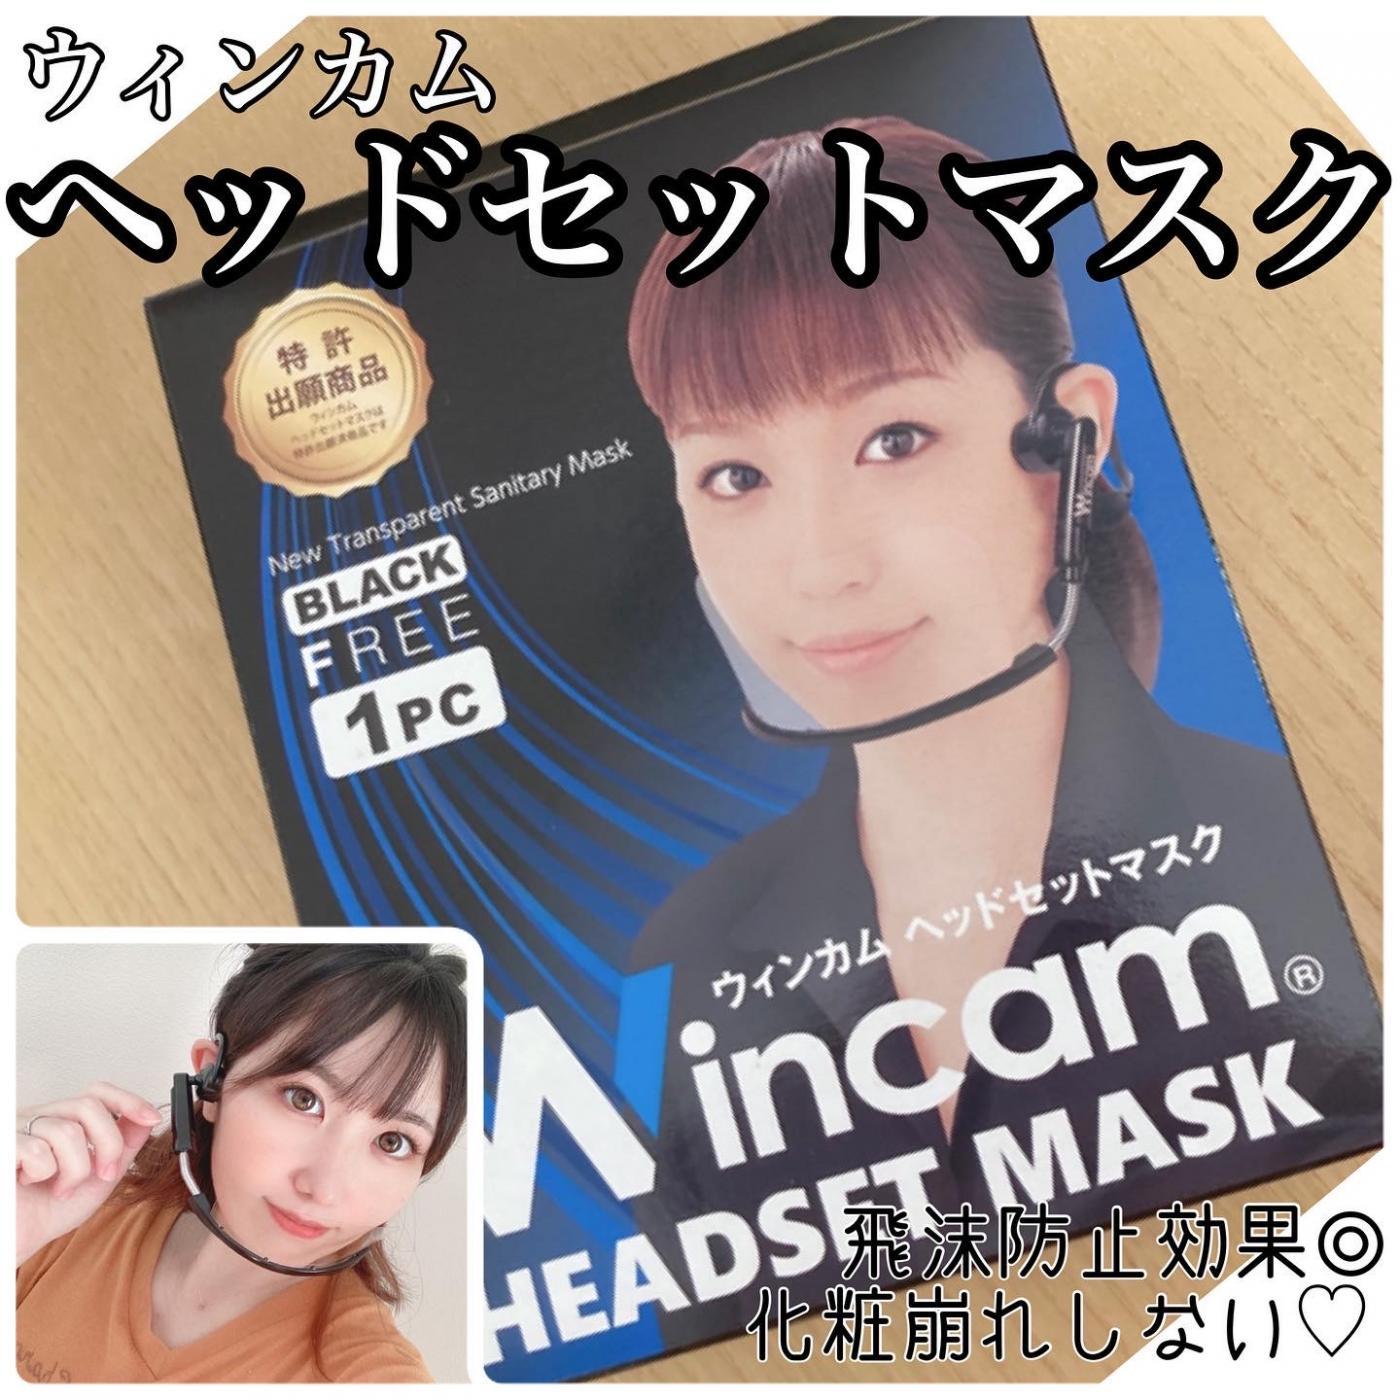 ウィンカムヘッドセットマスクで快適マスク生活